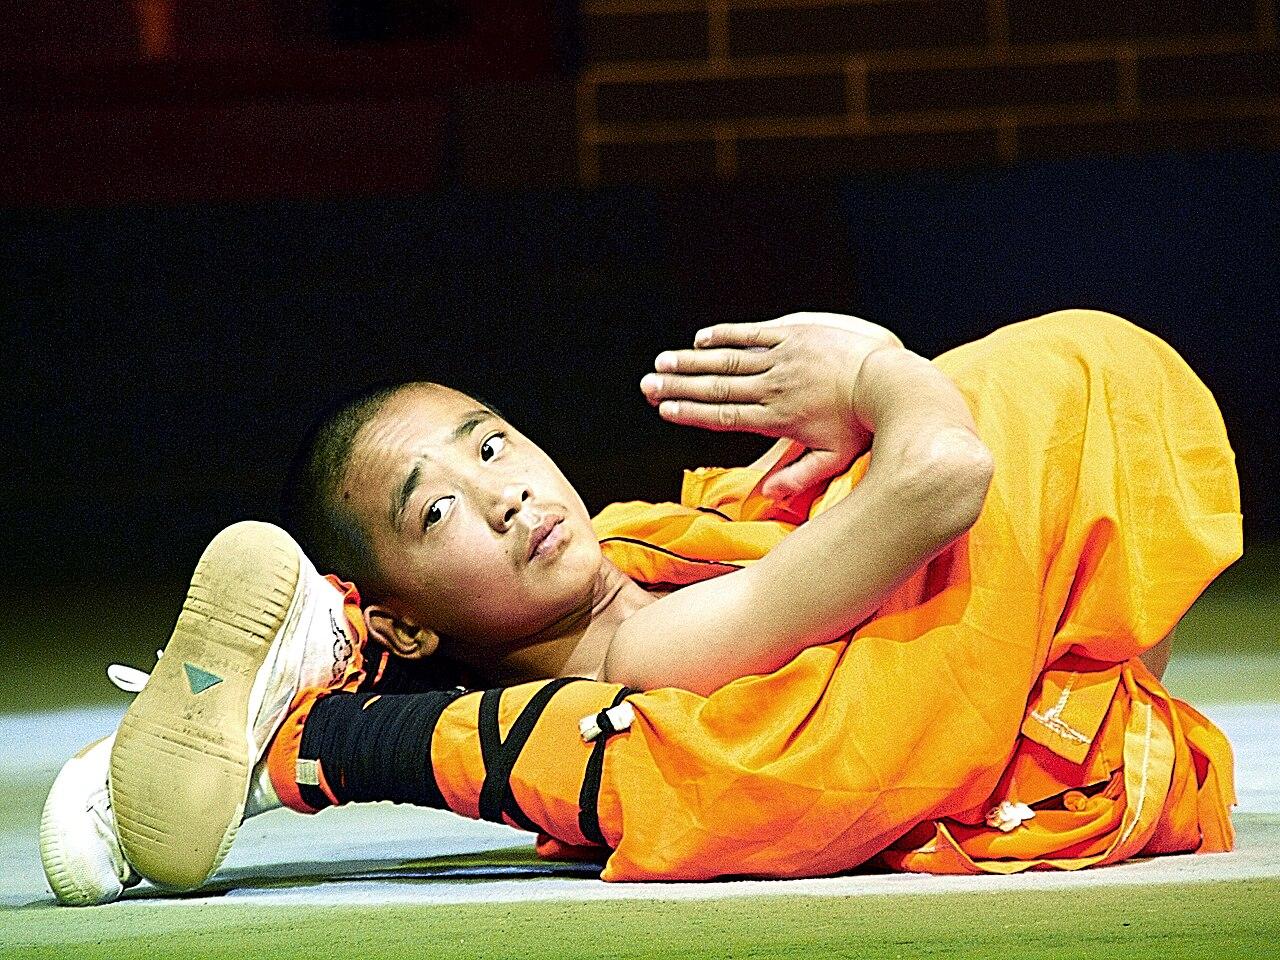 Čínský mnich při cvičení kung-fu